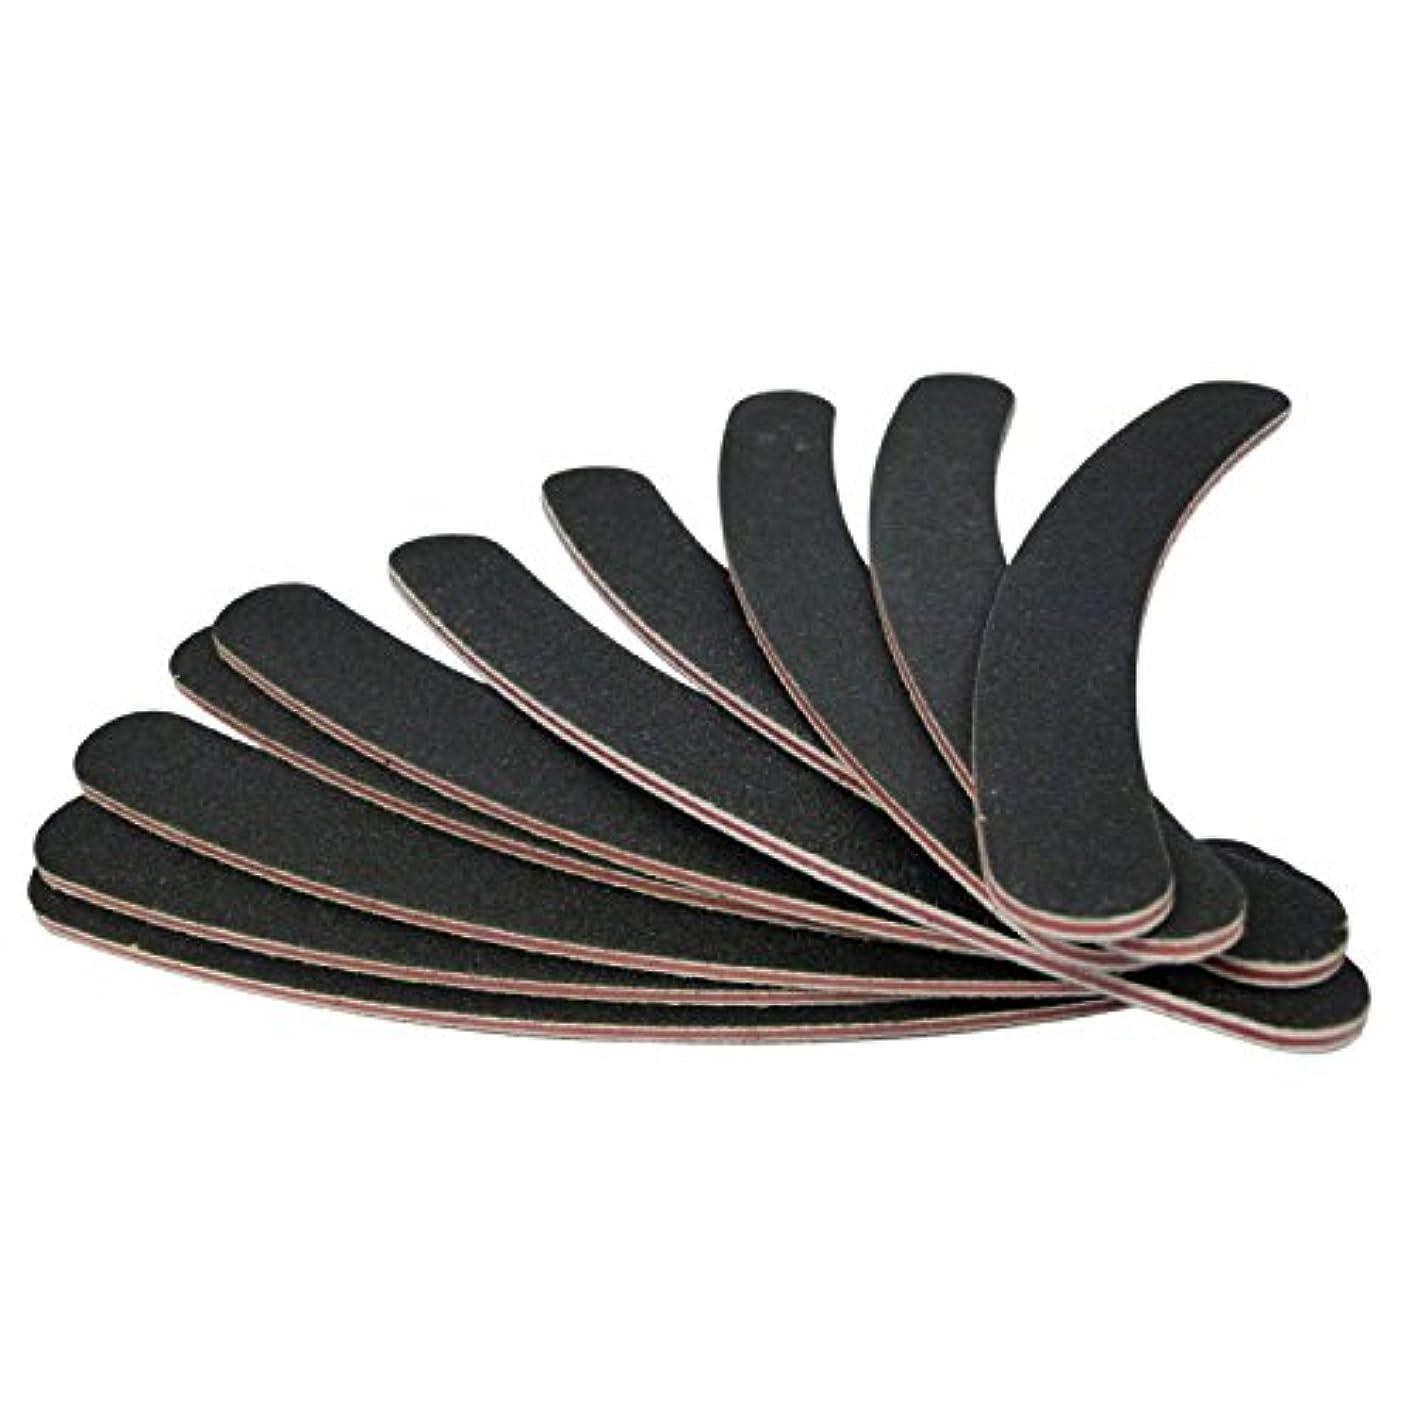 アラビア語会社地雷原Gespout 爪やすり 爪磨き 滑らか仕上げ ネイルシャイナー ネイルケア用品 ピカピカ ネイルケア 紙 人気 10本セット ブラック